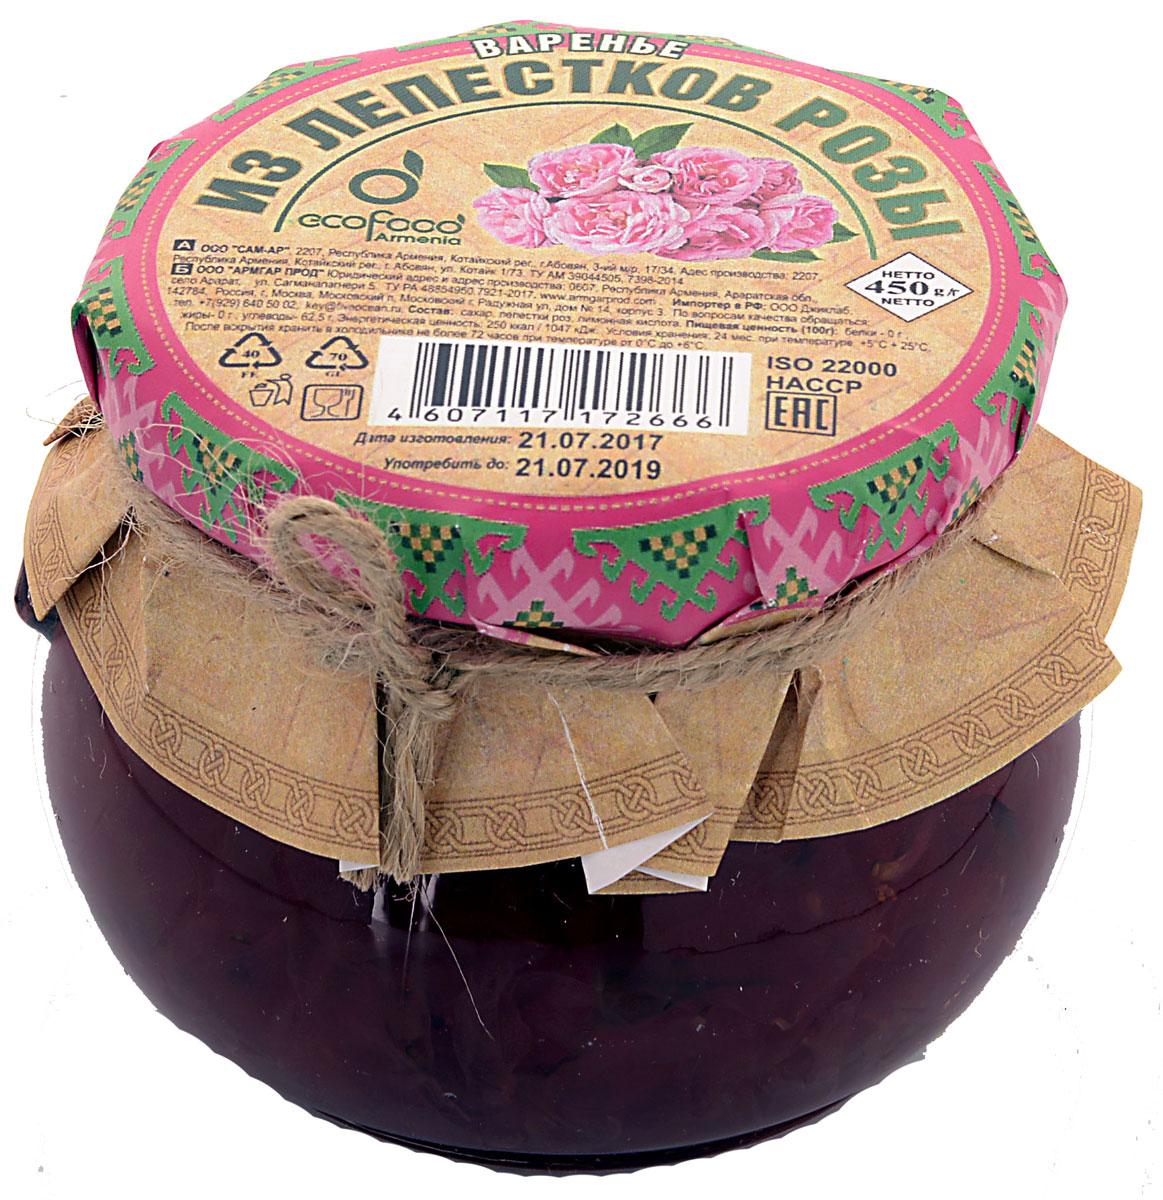 Ecofood варенье из лепестков розы, 450 г00000041591Варенье готовится из лепестков роз особого сорта. Оно благотворно влияет на кровеносную систему и очень полезно при простуде. Лепестки розы богаты витамином С и эфирным маслом, которое укрепляет иммунитет. Осенью, в сезон простудных заболеваний, к меду и малиновому варенью нужно добавить и варенье из лепестков роз.